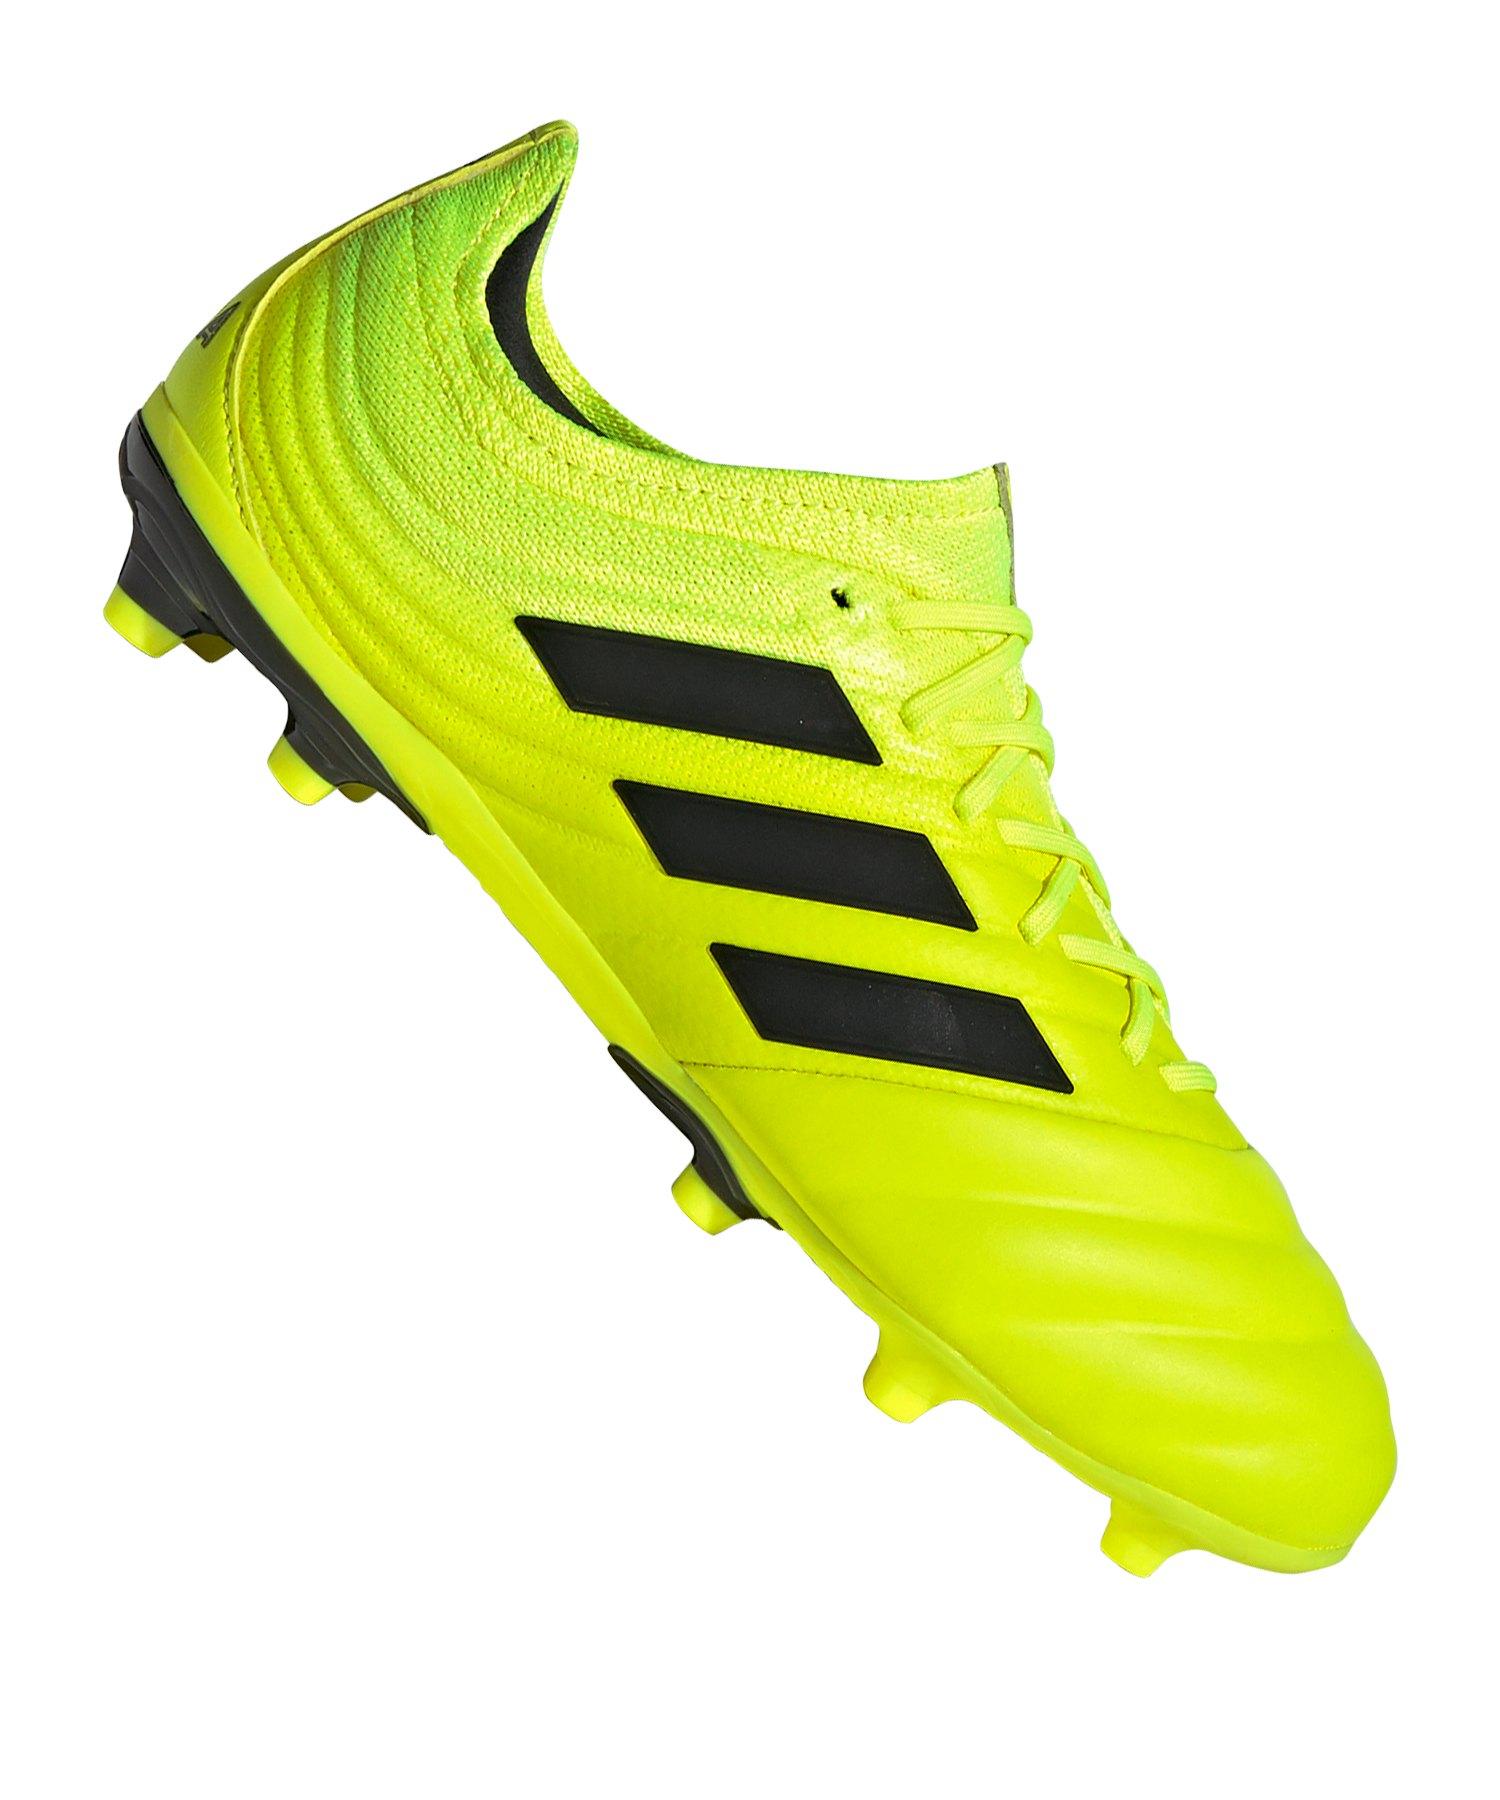 adidas COPA 19.1 FG J Gelb Kids - gelb